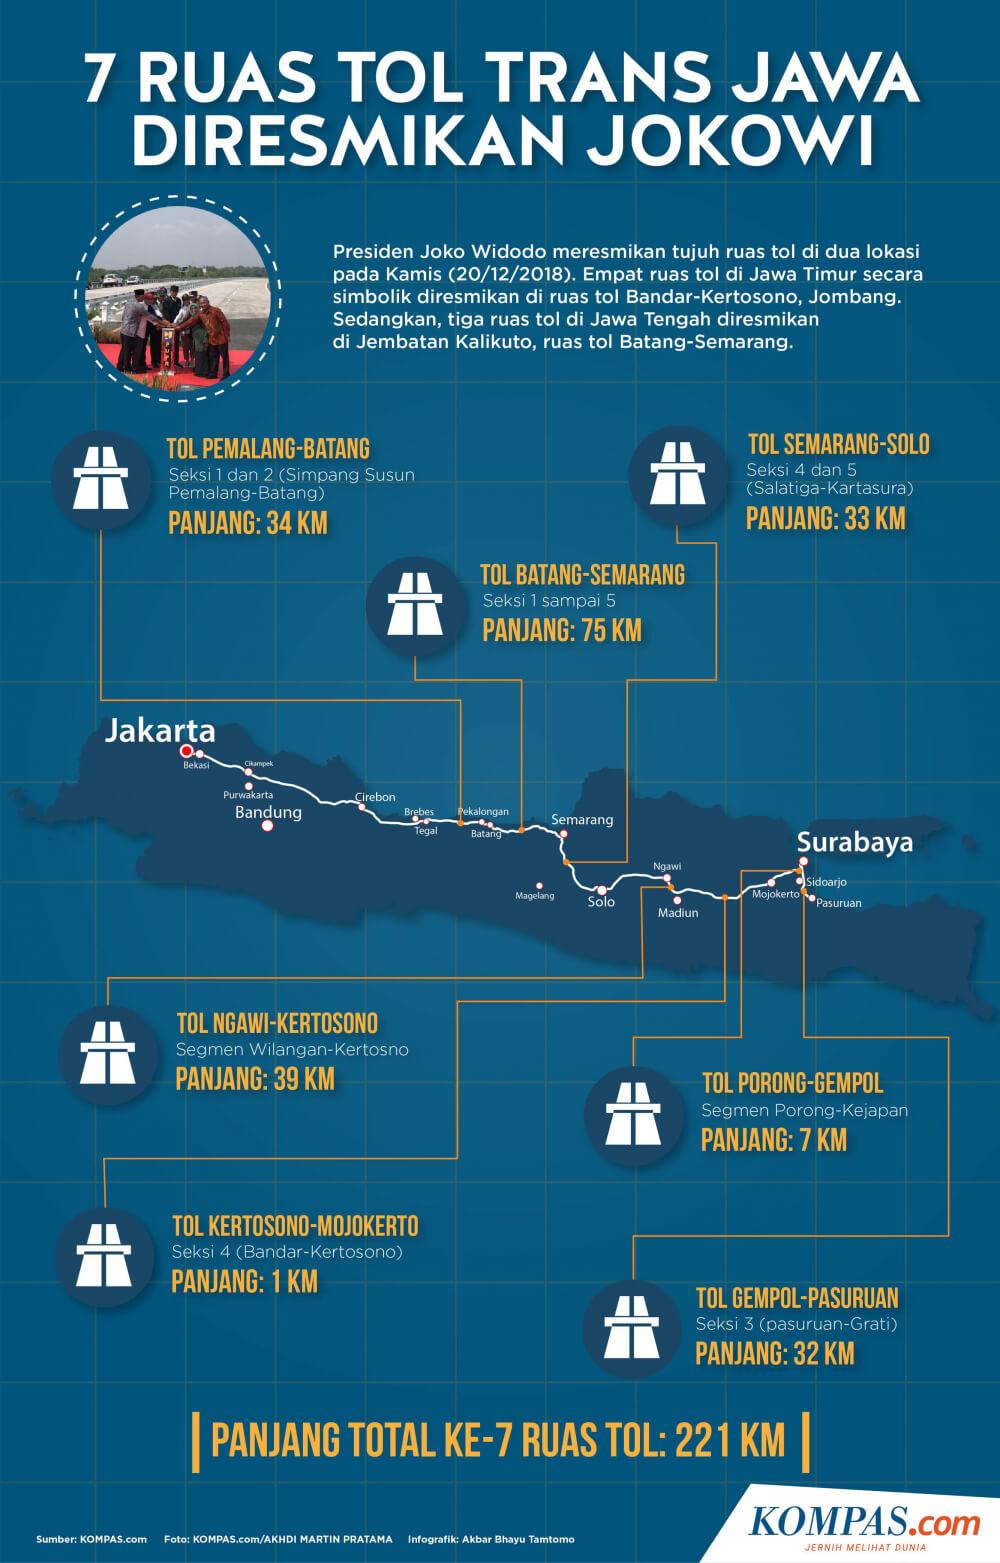 infografis-7-ruas-tol-trans-jawa